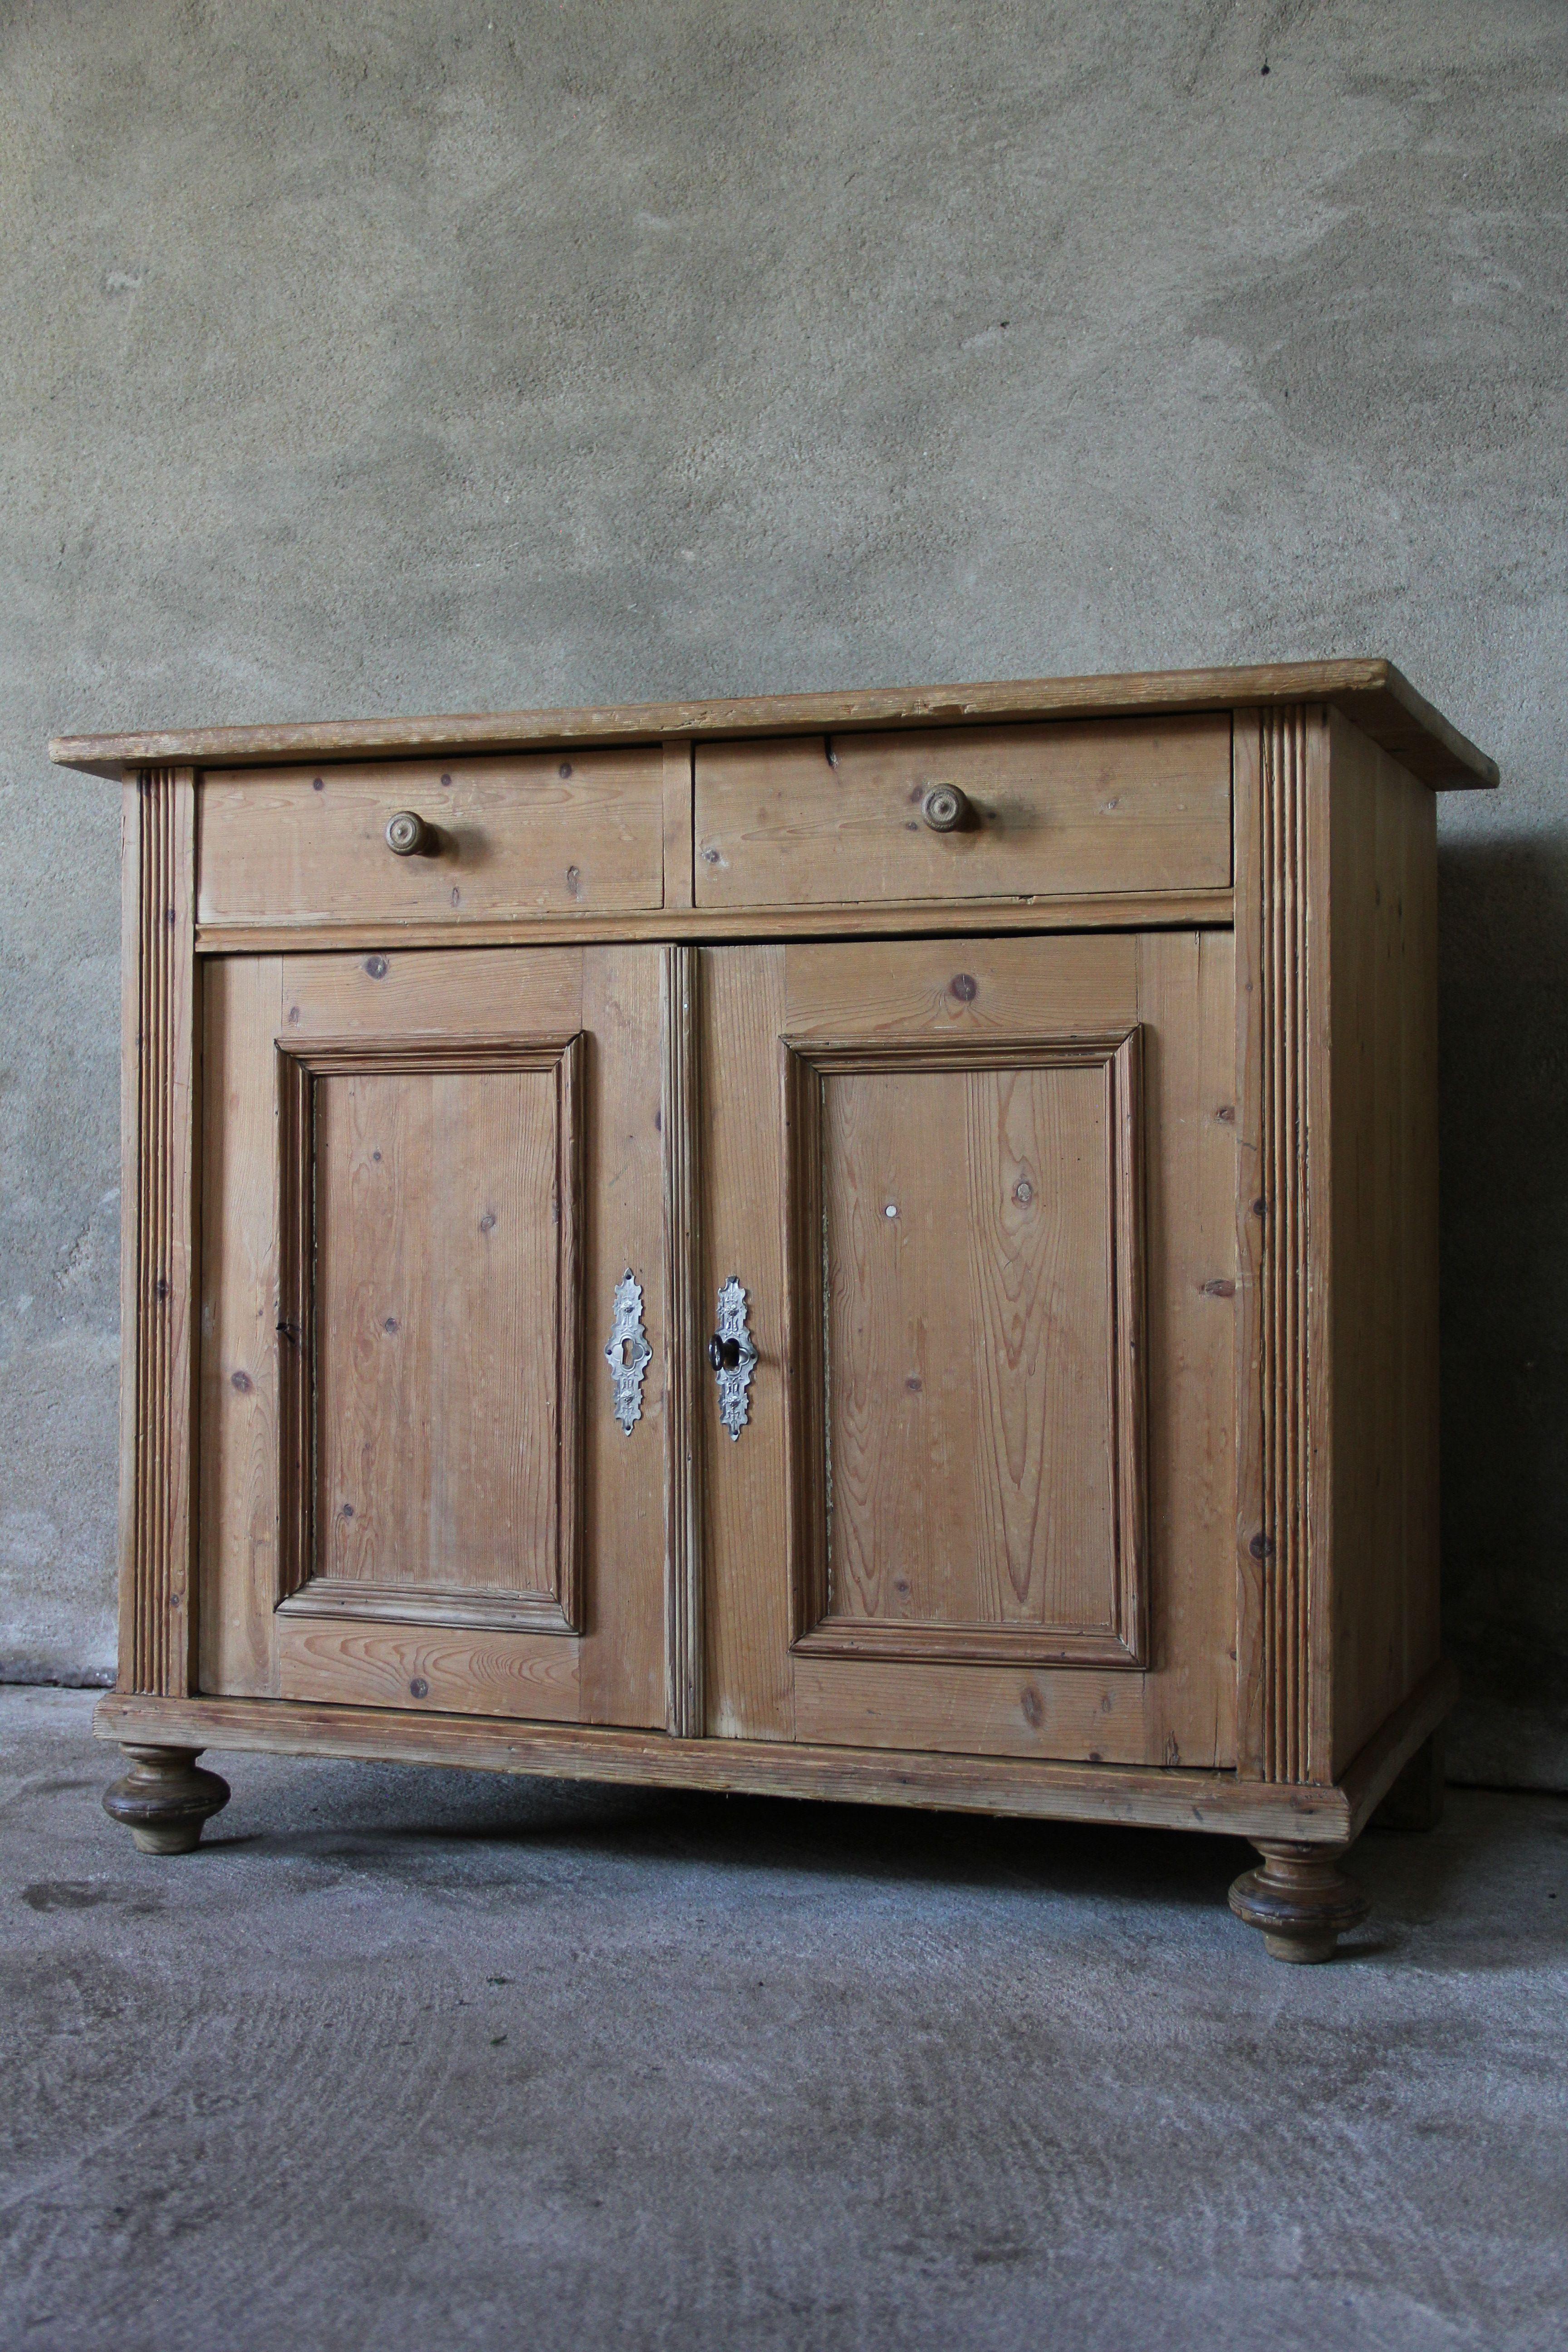 brocante buitenkeuken : Oud Grenen Dressoir Inndoors Meubelen En Interieur Inndoors